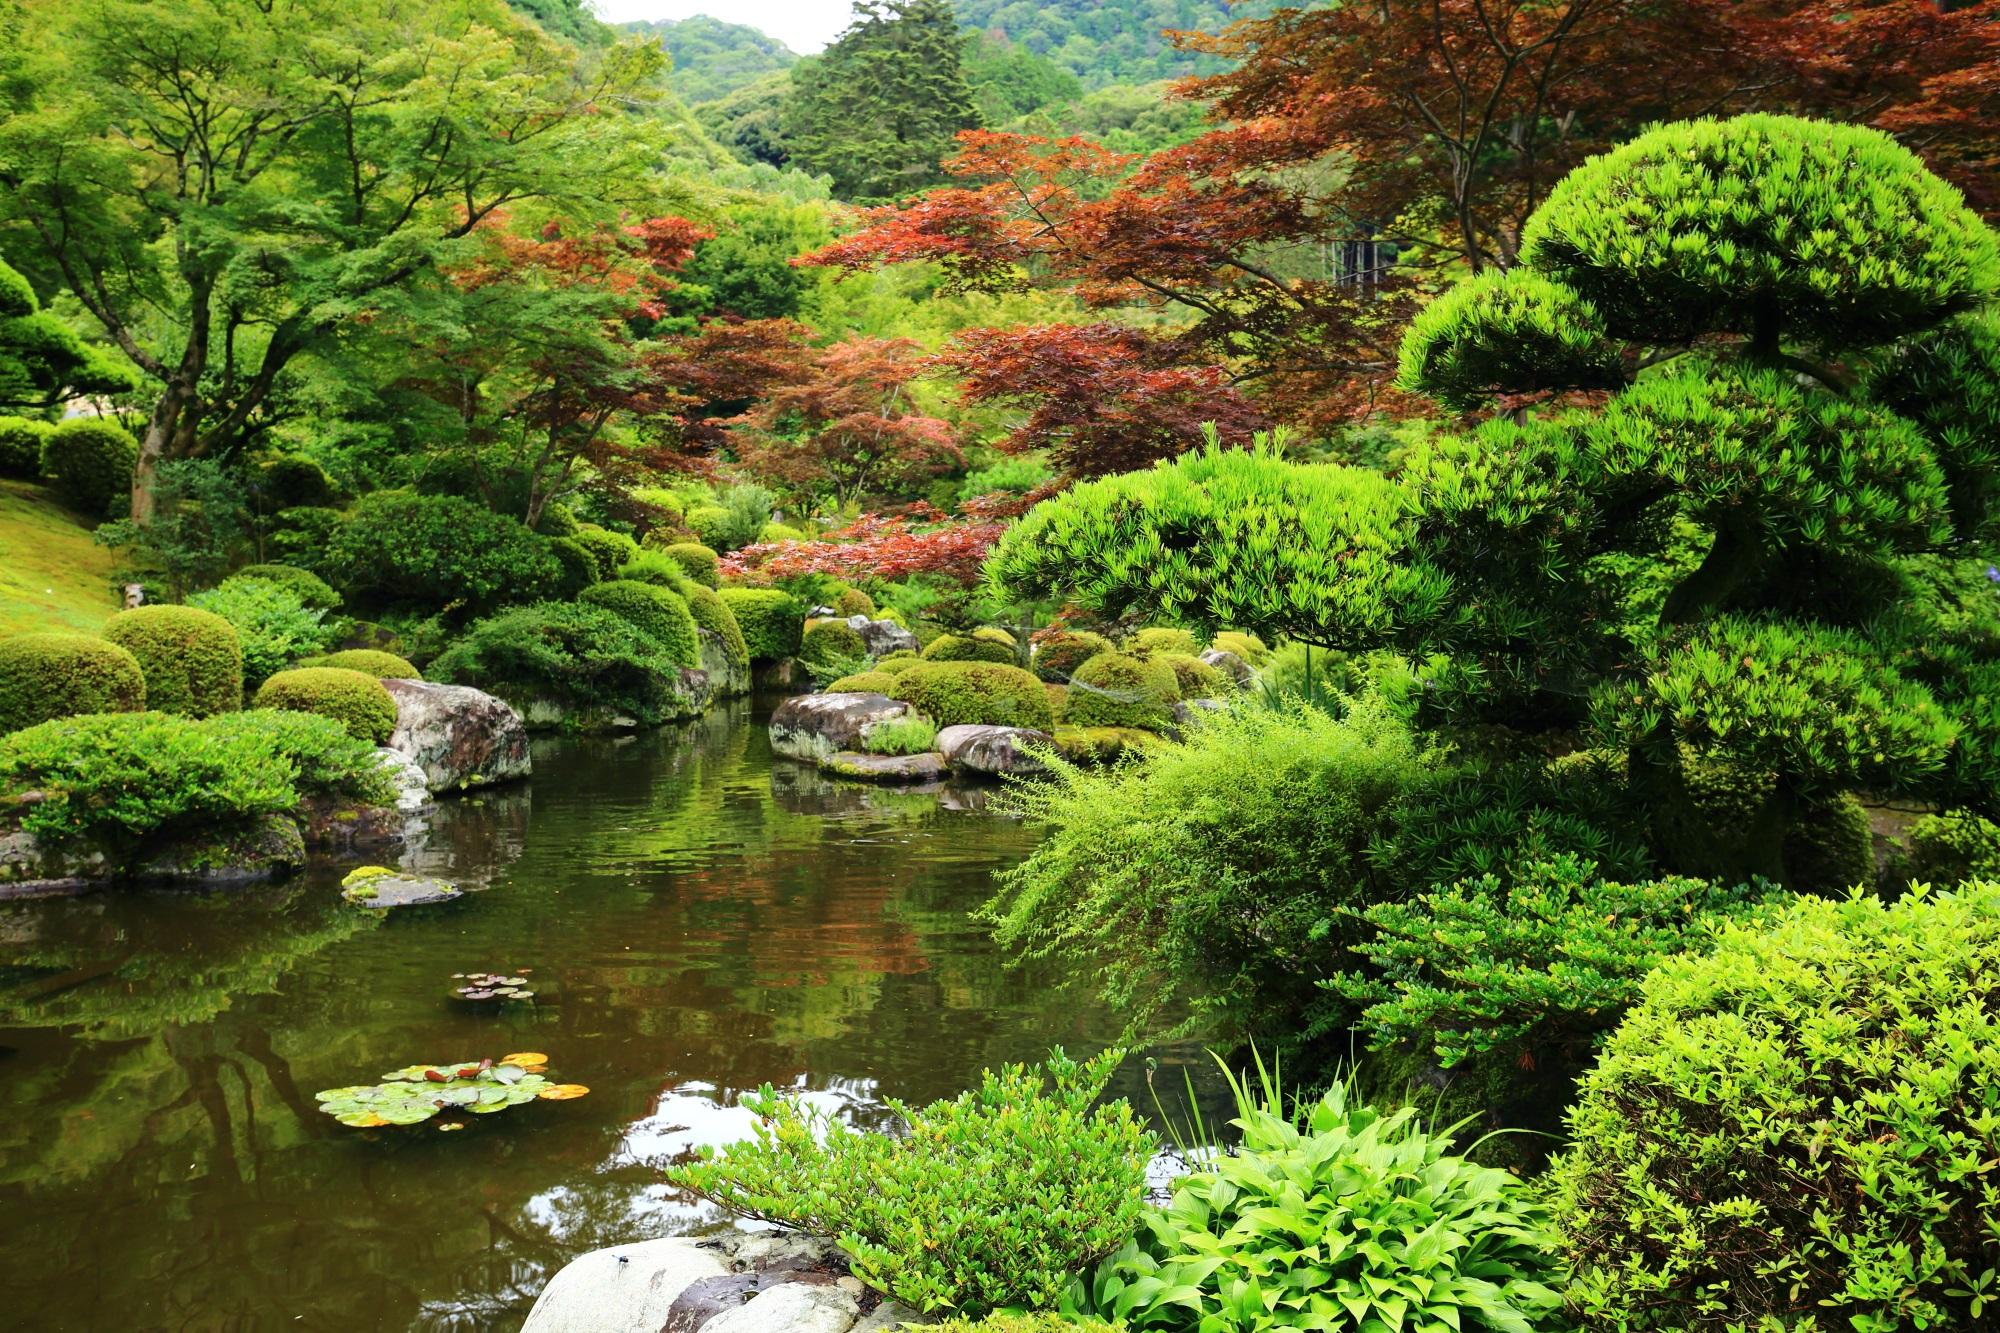 松や青もみじなど色んな緑が溢れ出す三室戸寺の池泉回遊式庭園